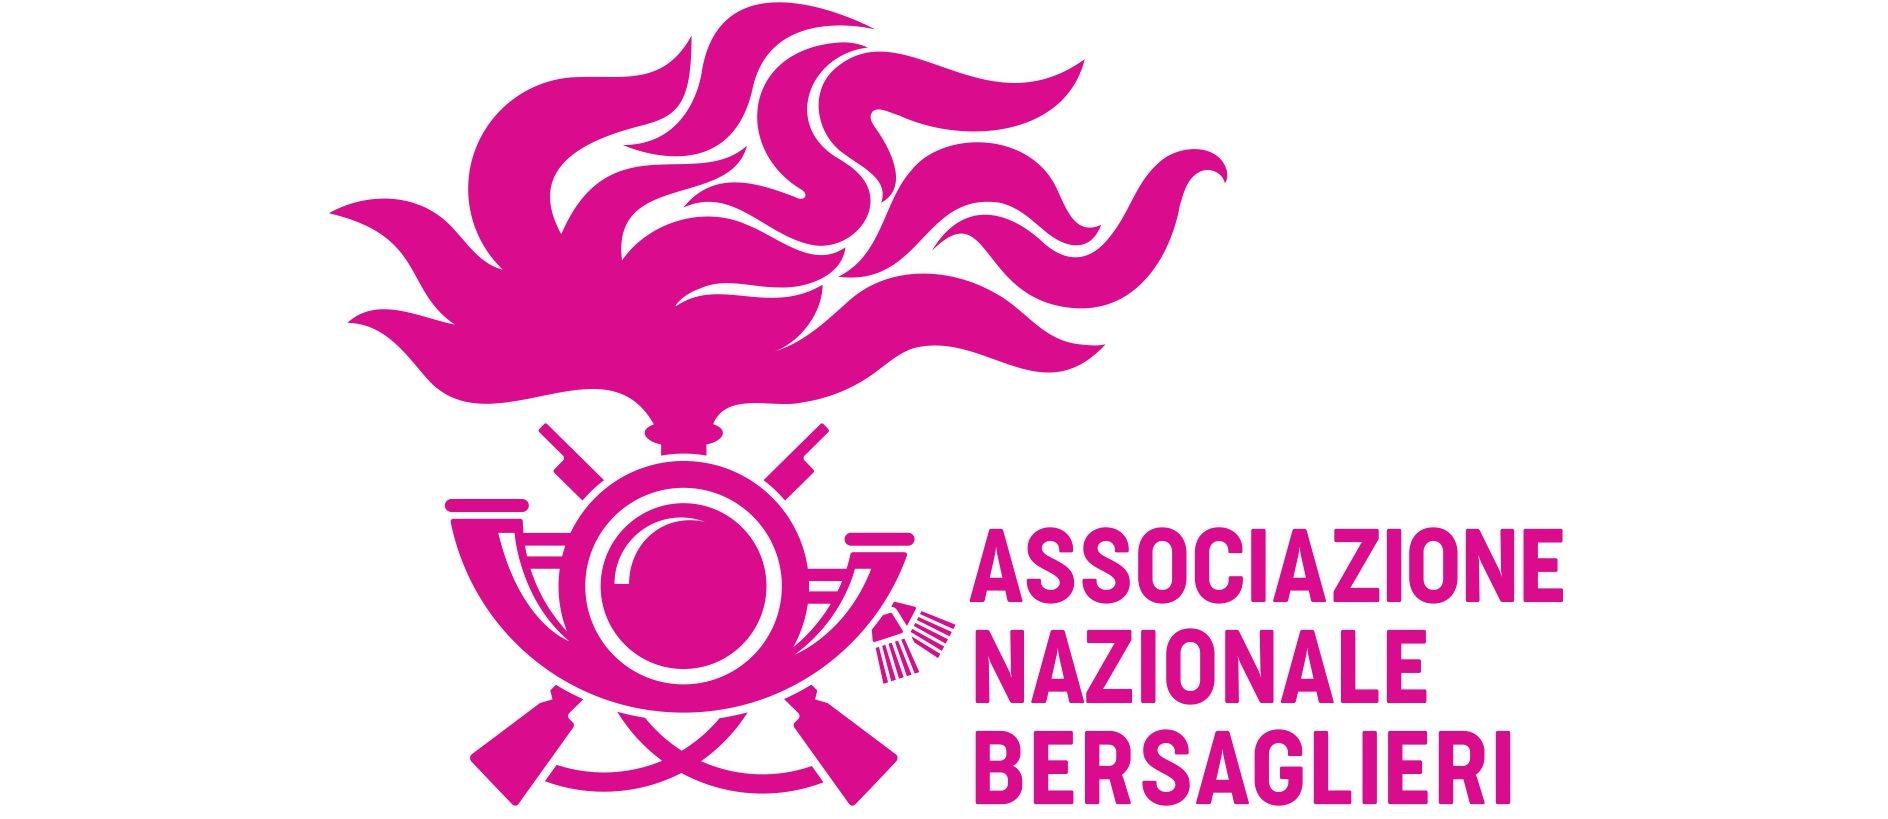 Associazione Nazionale Bersaglieri